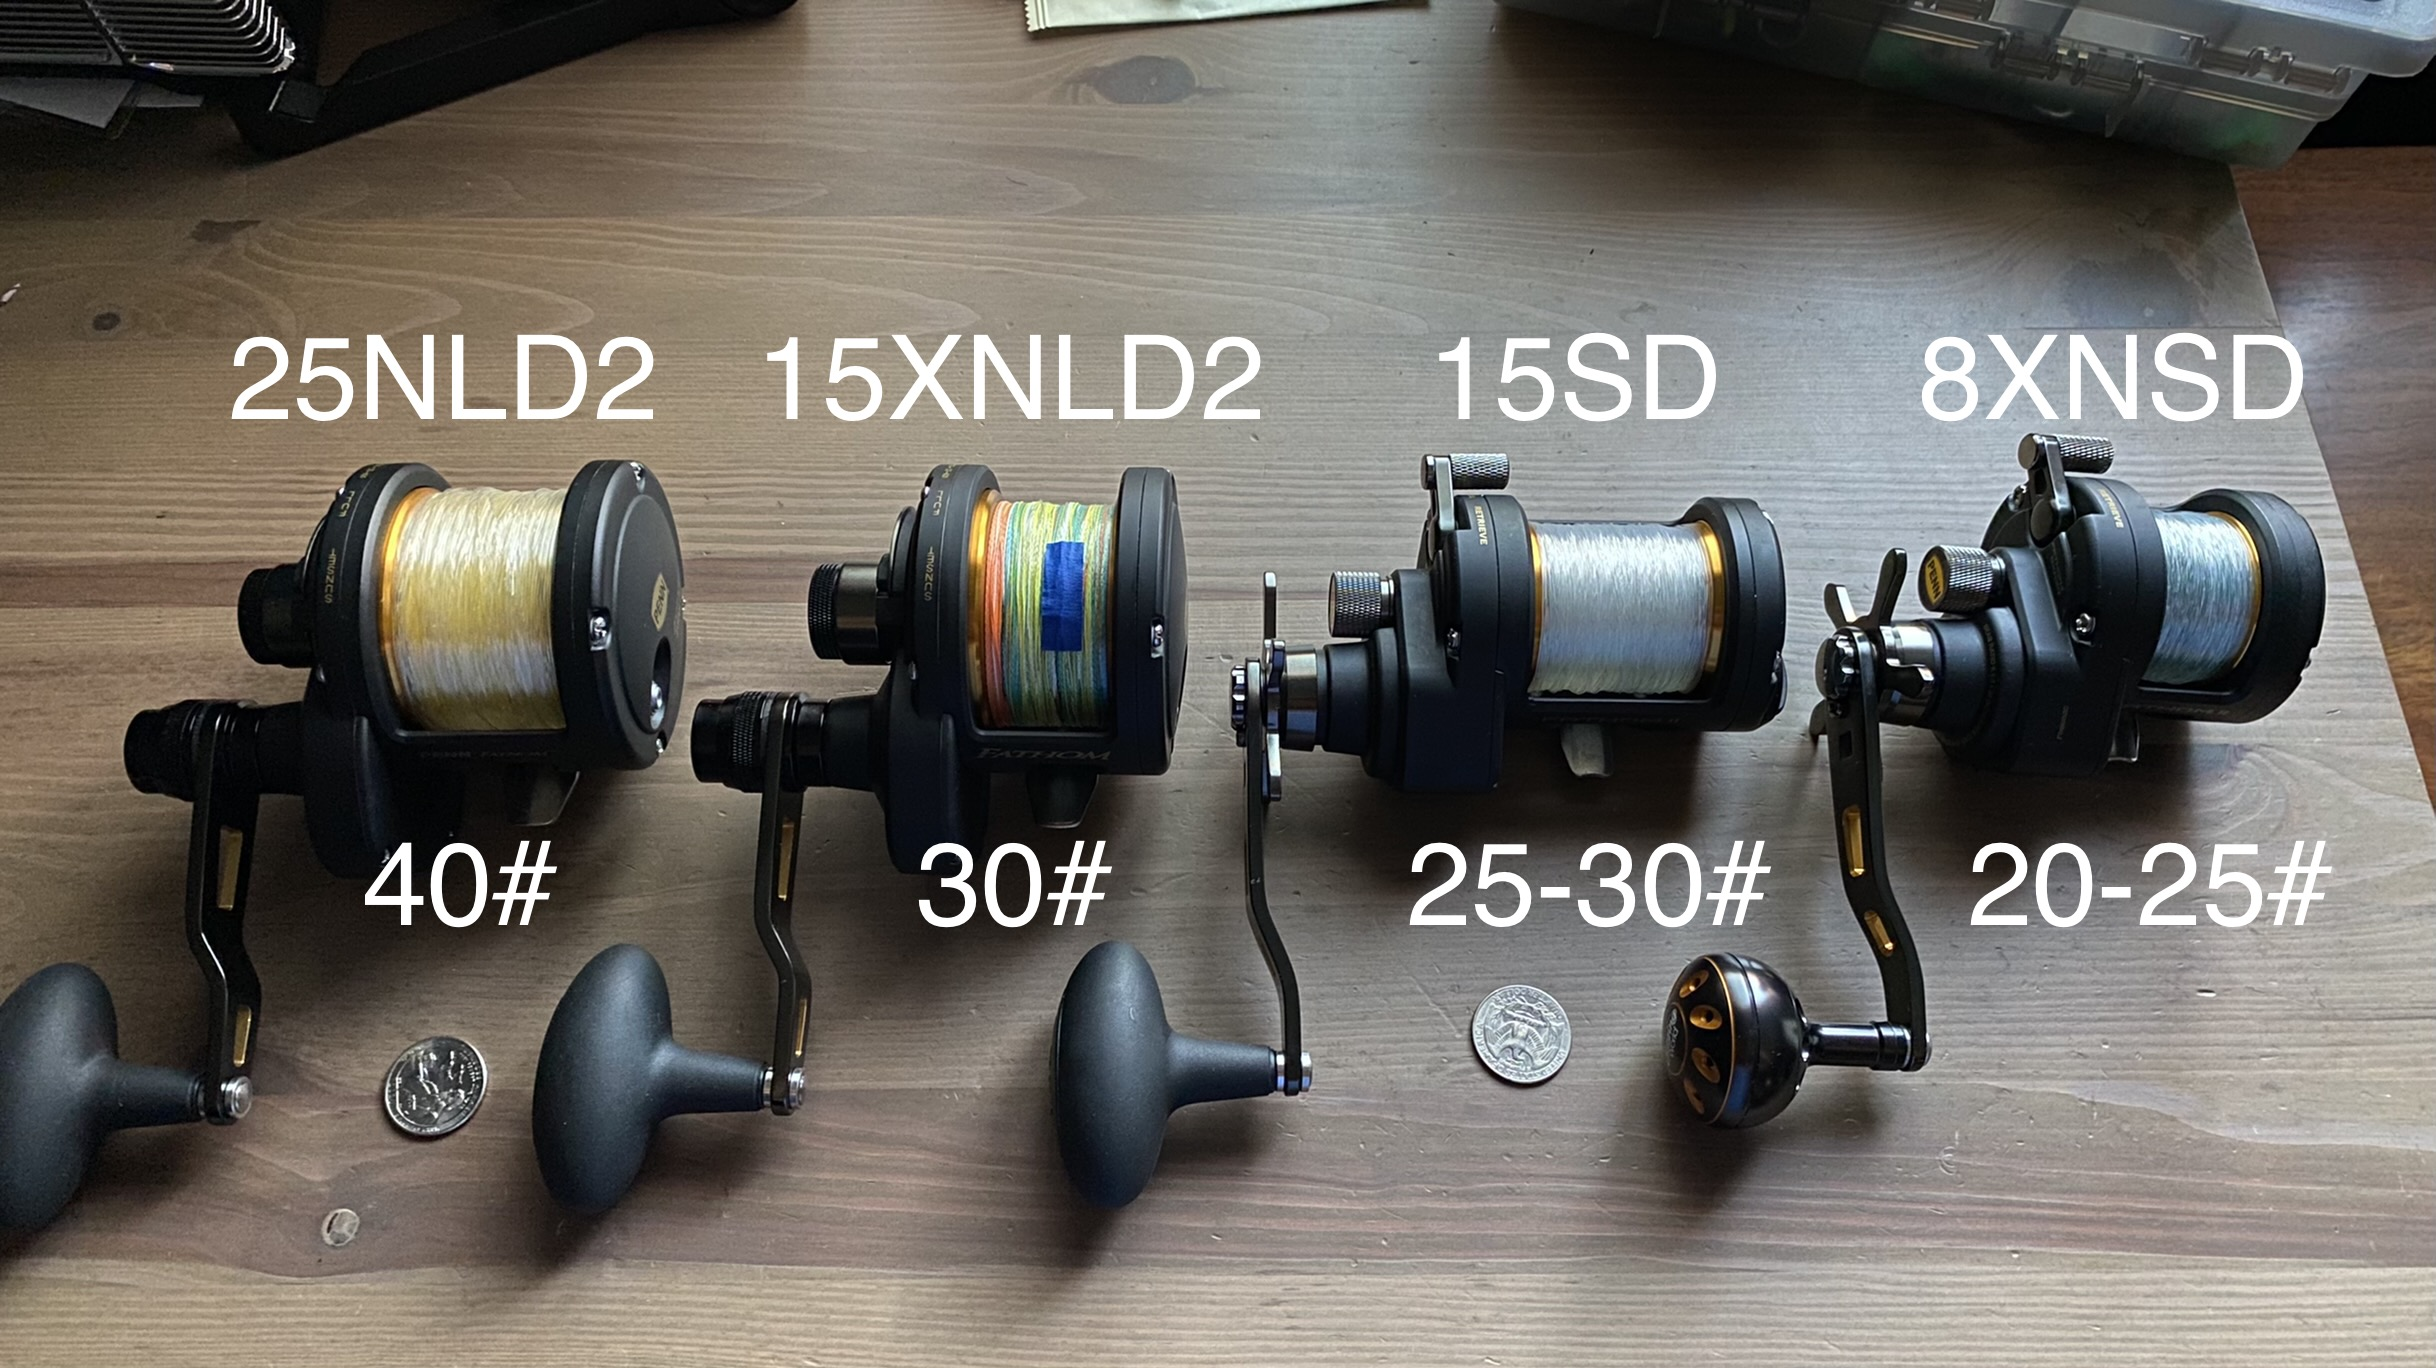 2E4DF0DB-818F-4CB9-B7B3-37F2D39FD191.jpeg